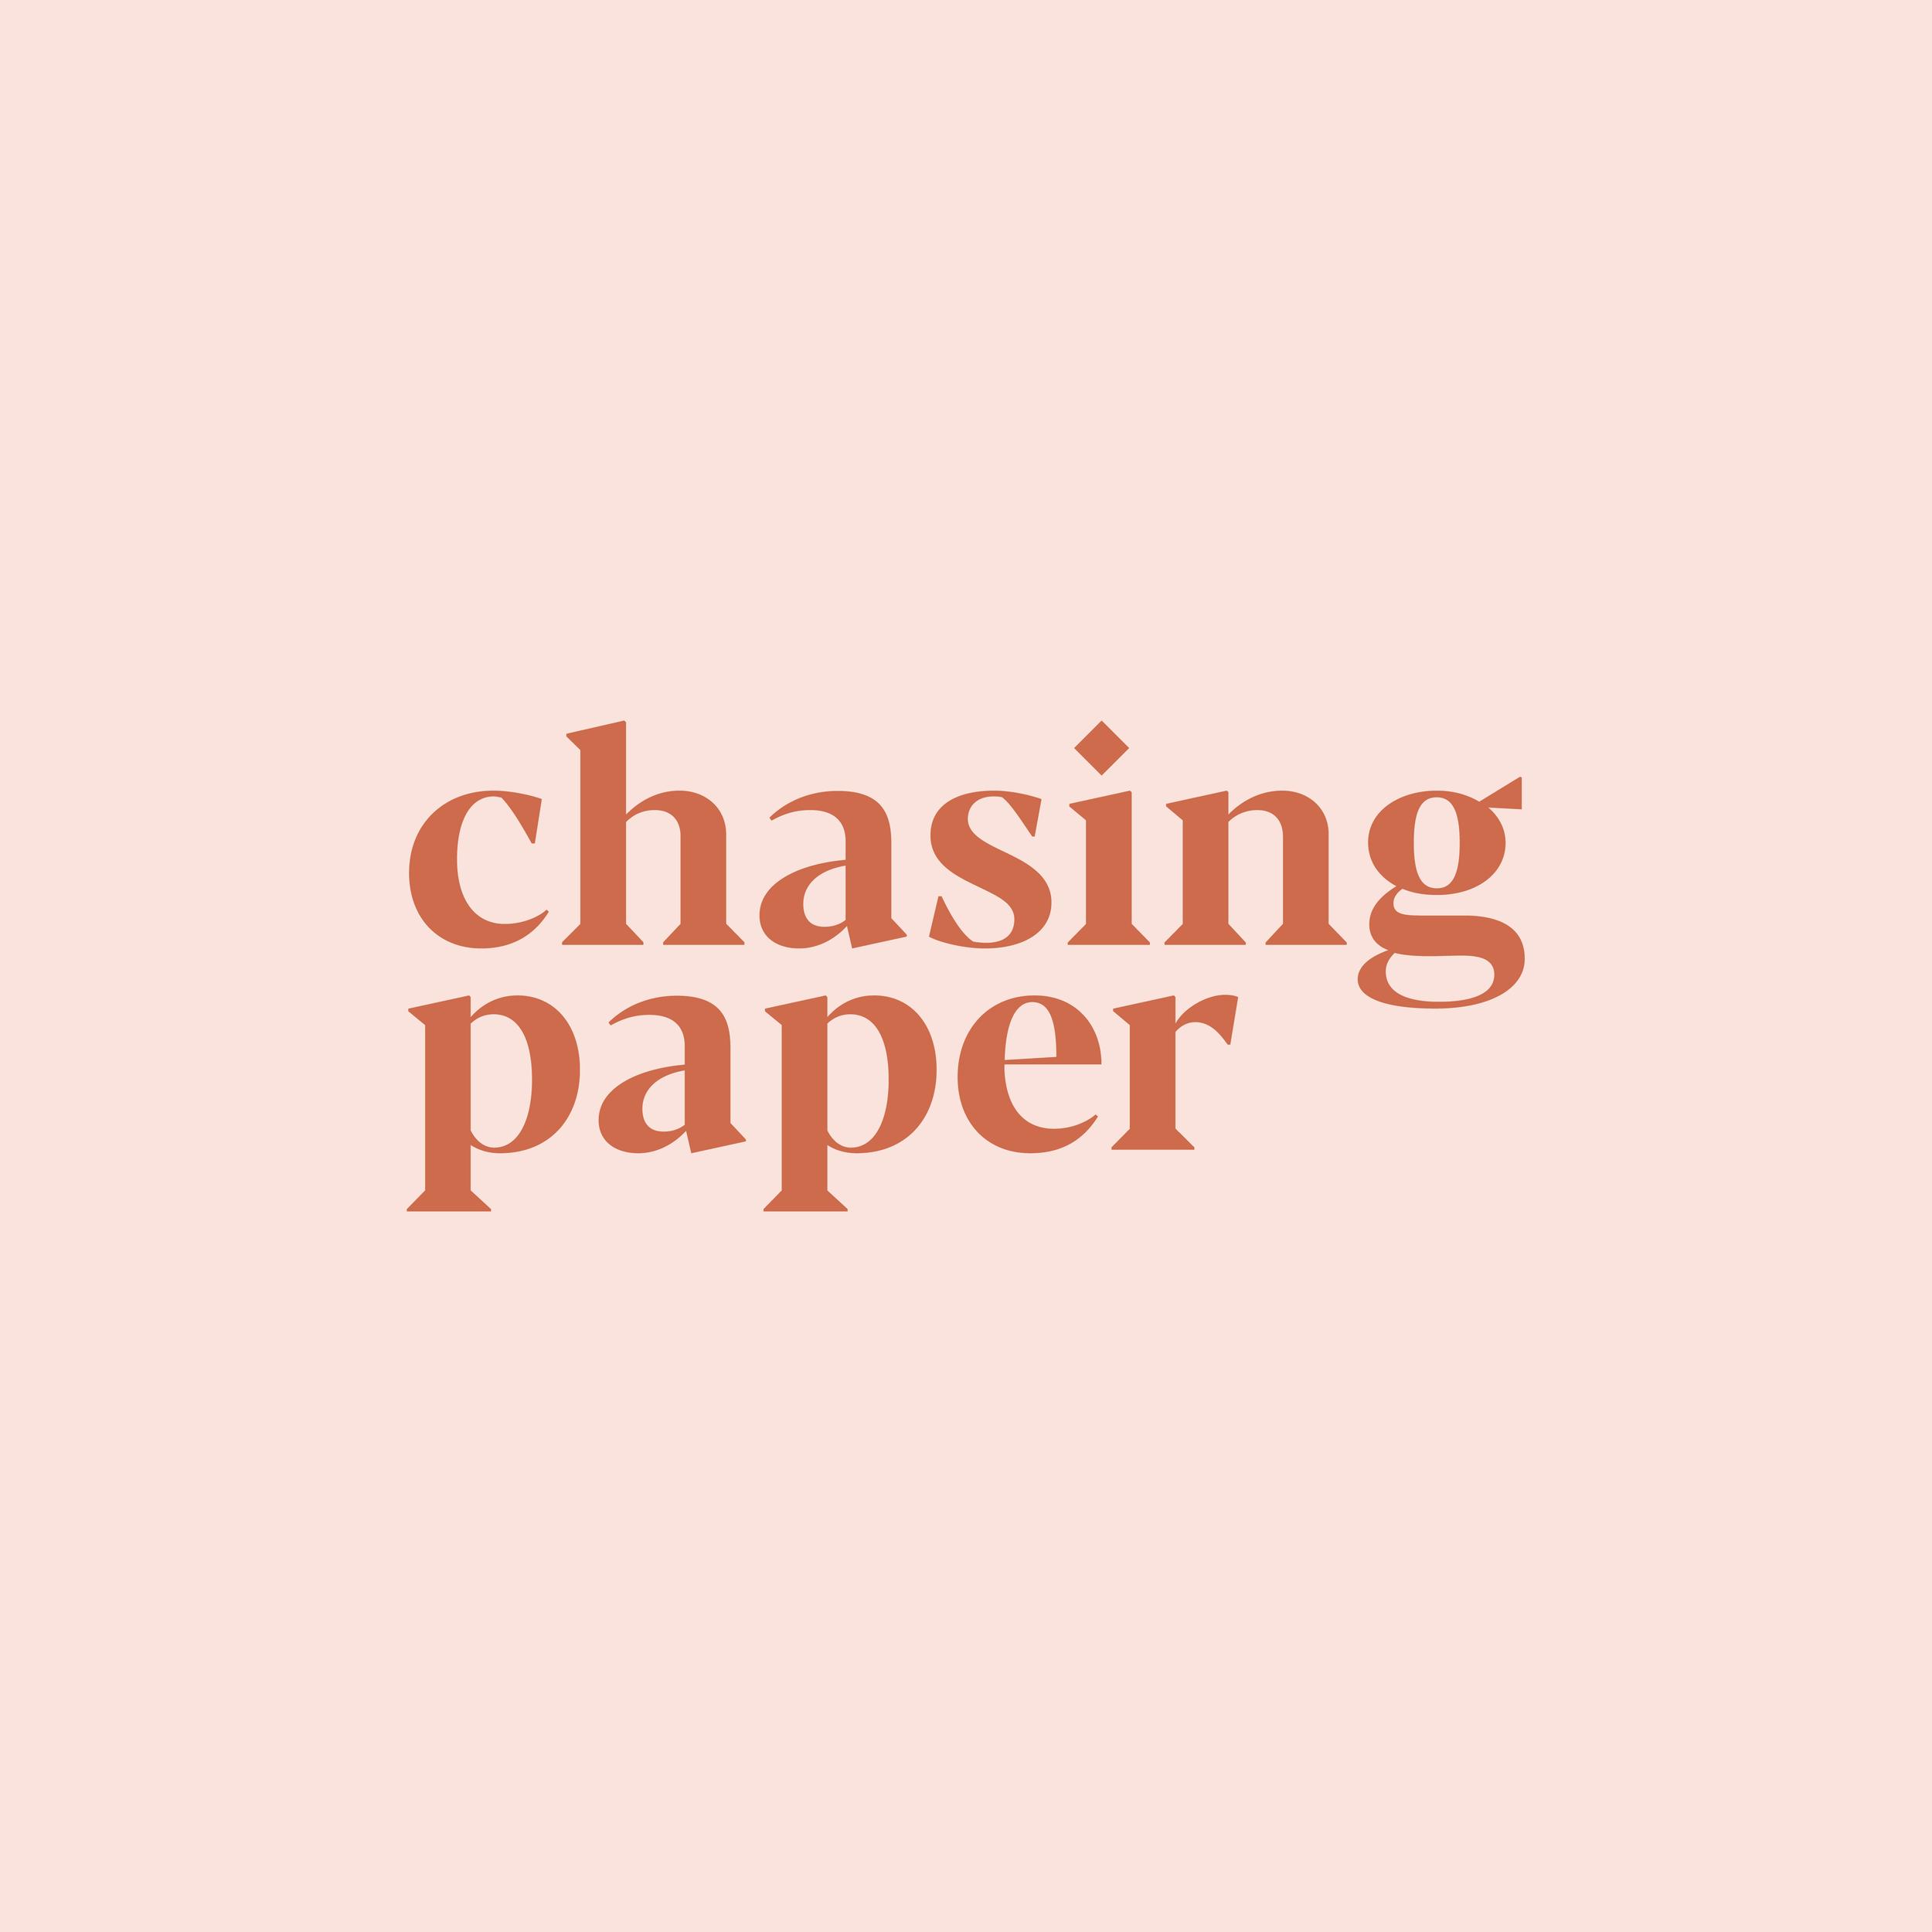 olivia-herrick-design-chasing-paper.png